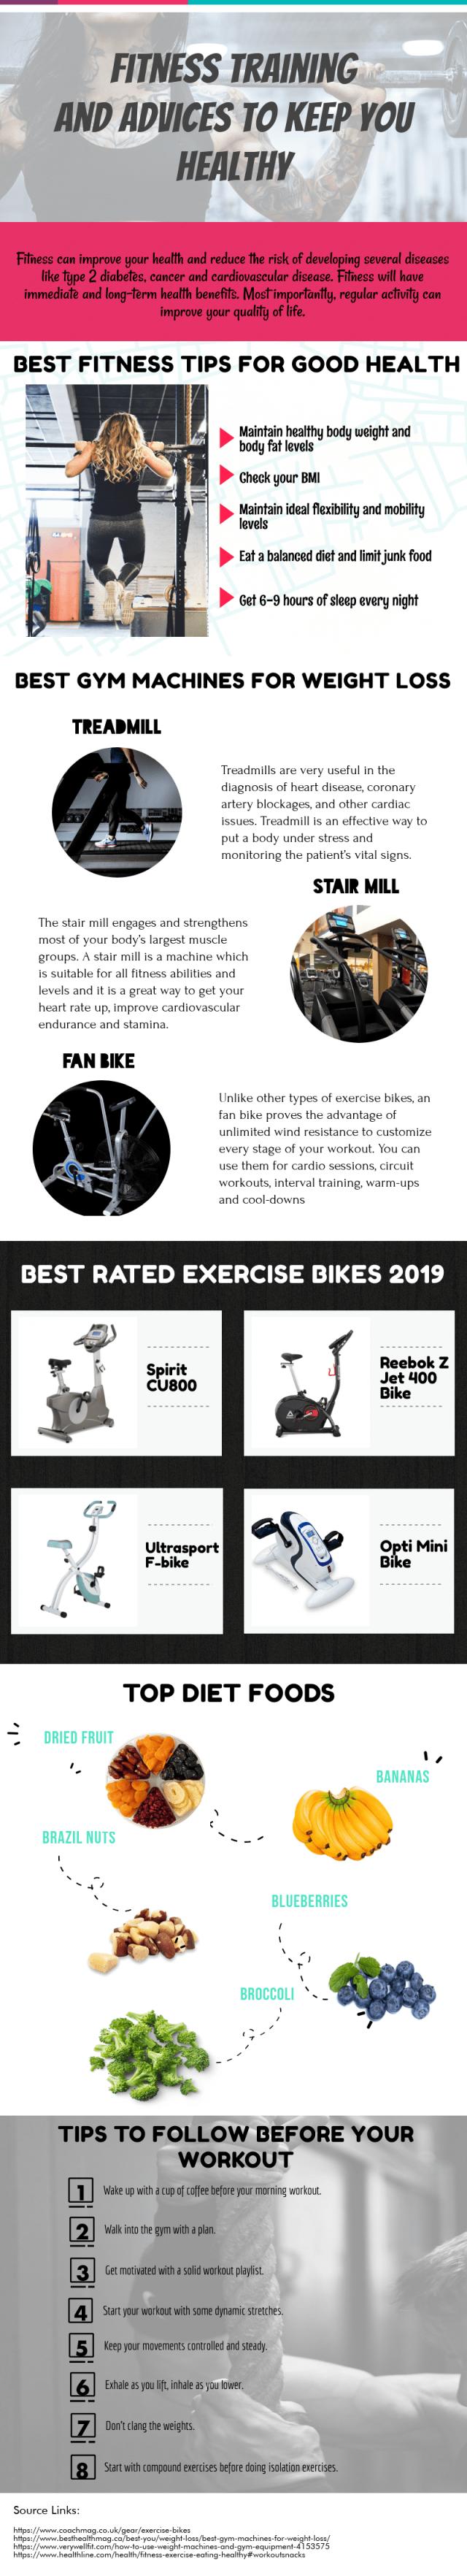 Benefits of Exercise Bike